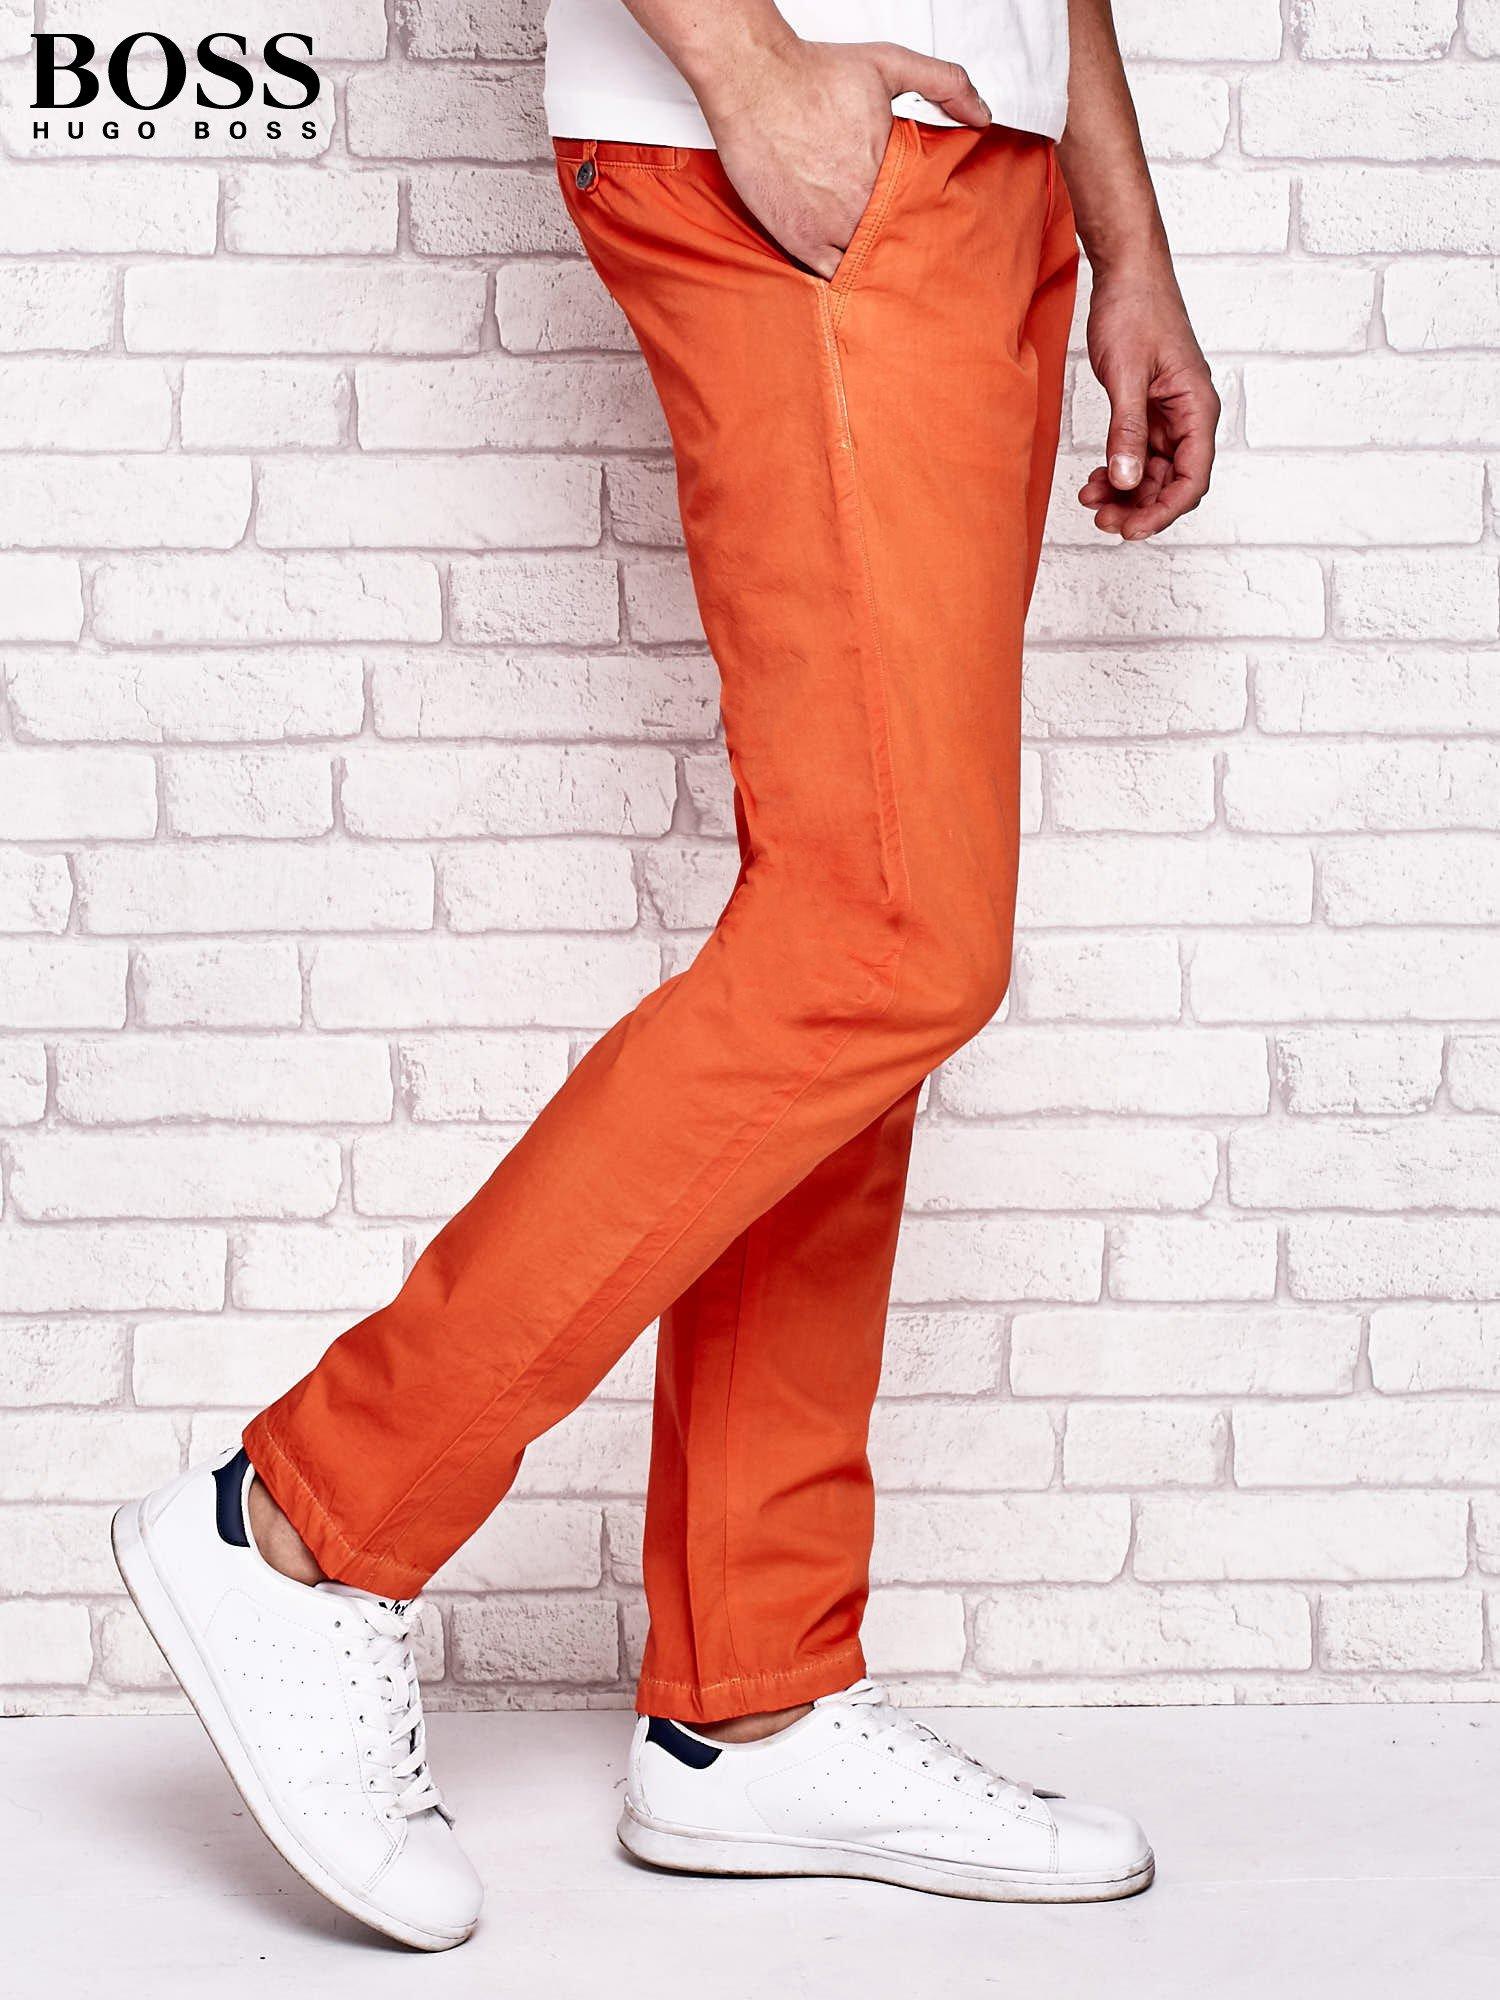 736e4eadbc1da HUGO BOSS Pomarańczowe spodnie męskie - Mężczyźni Spodnie z ...